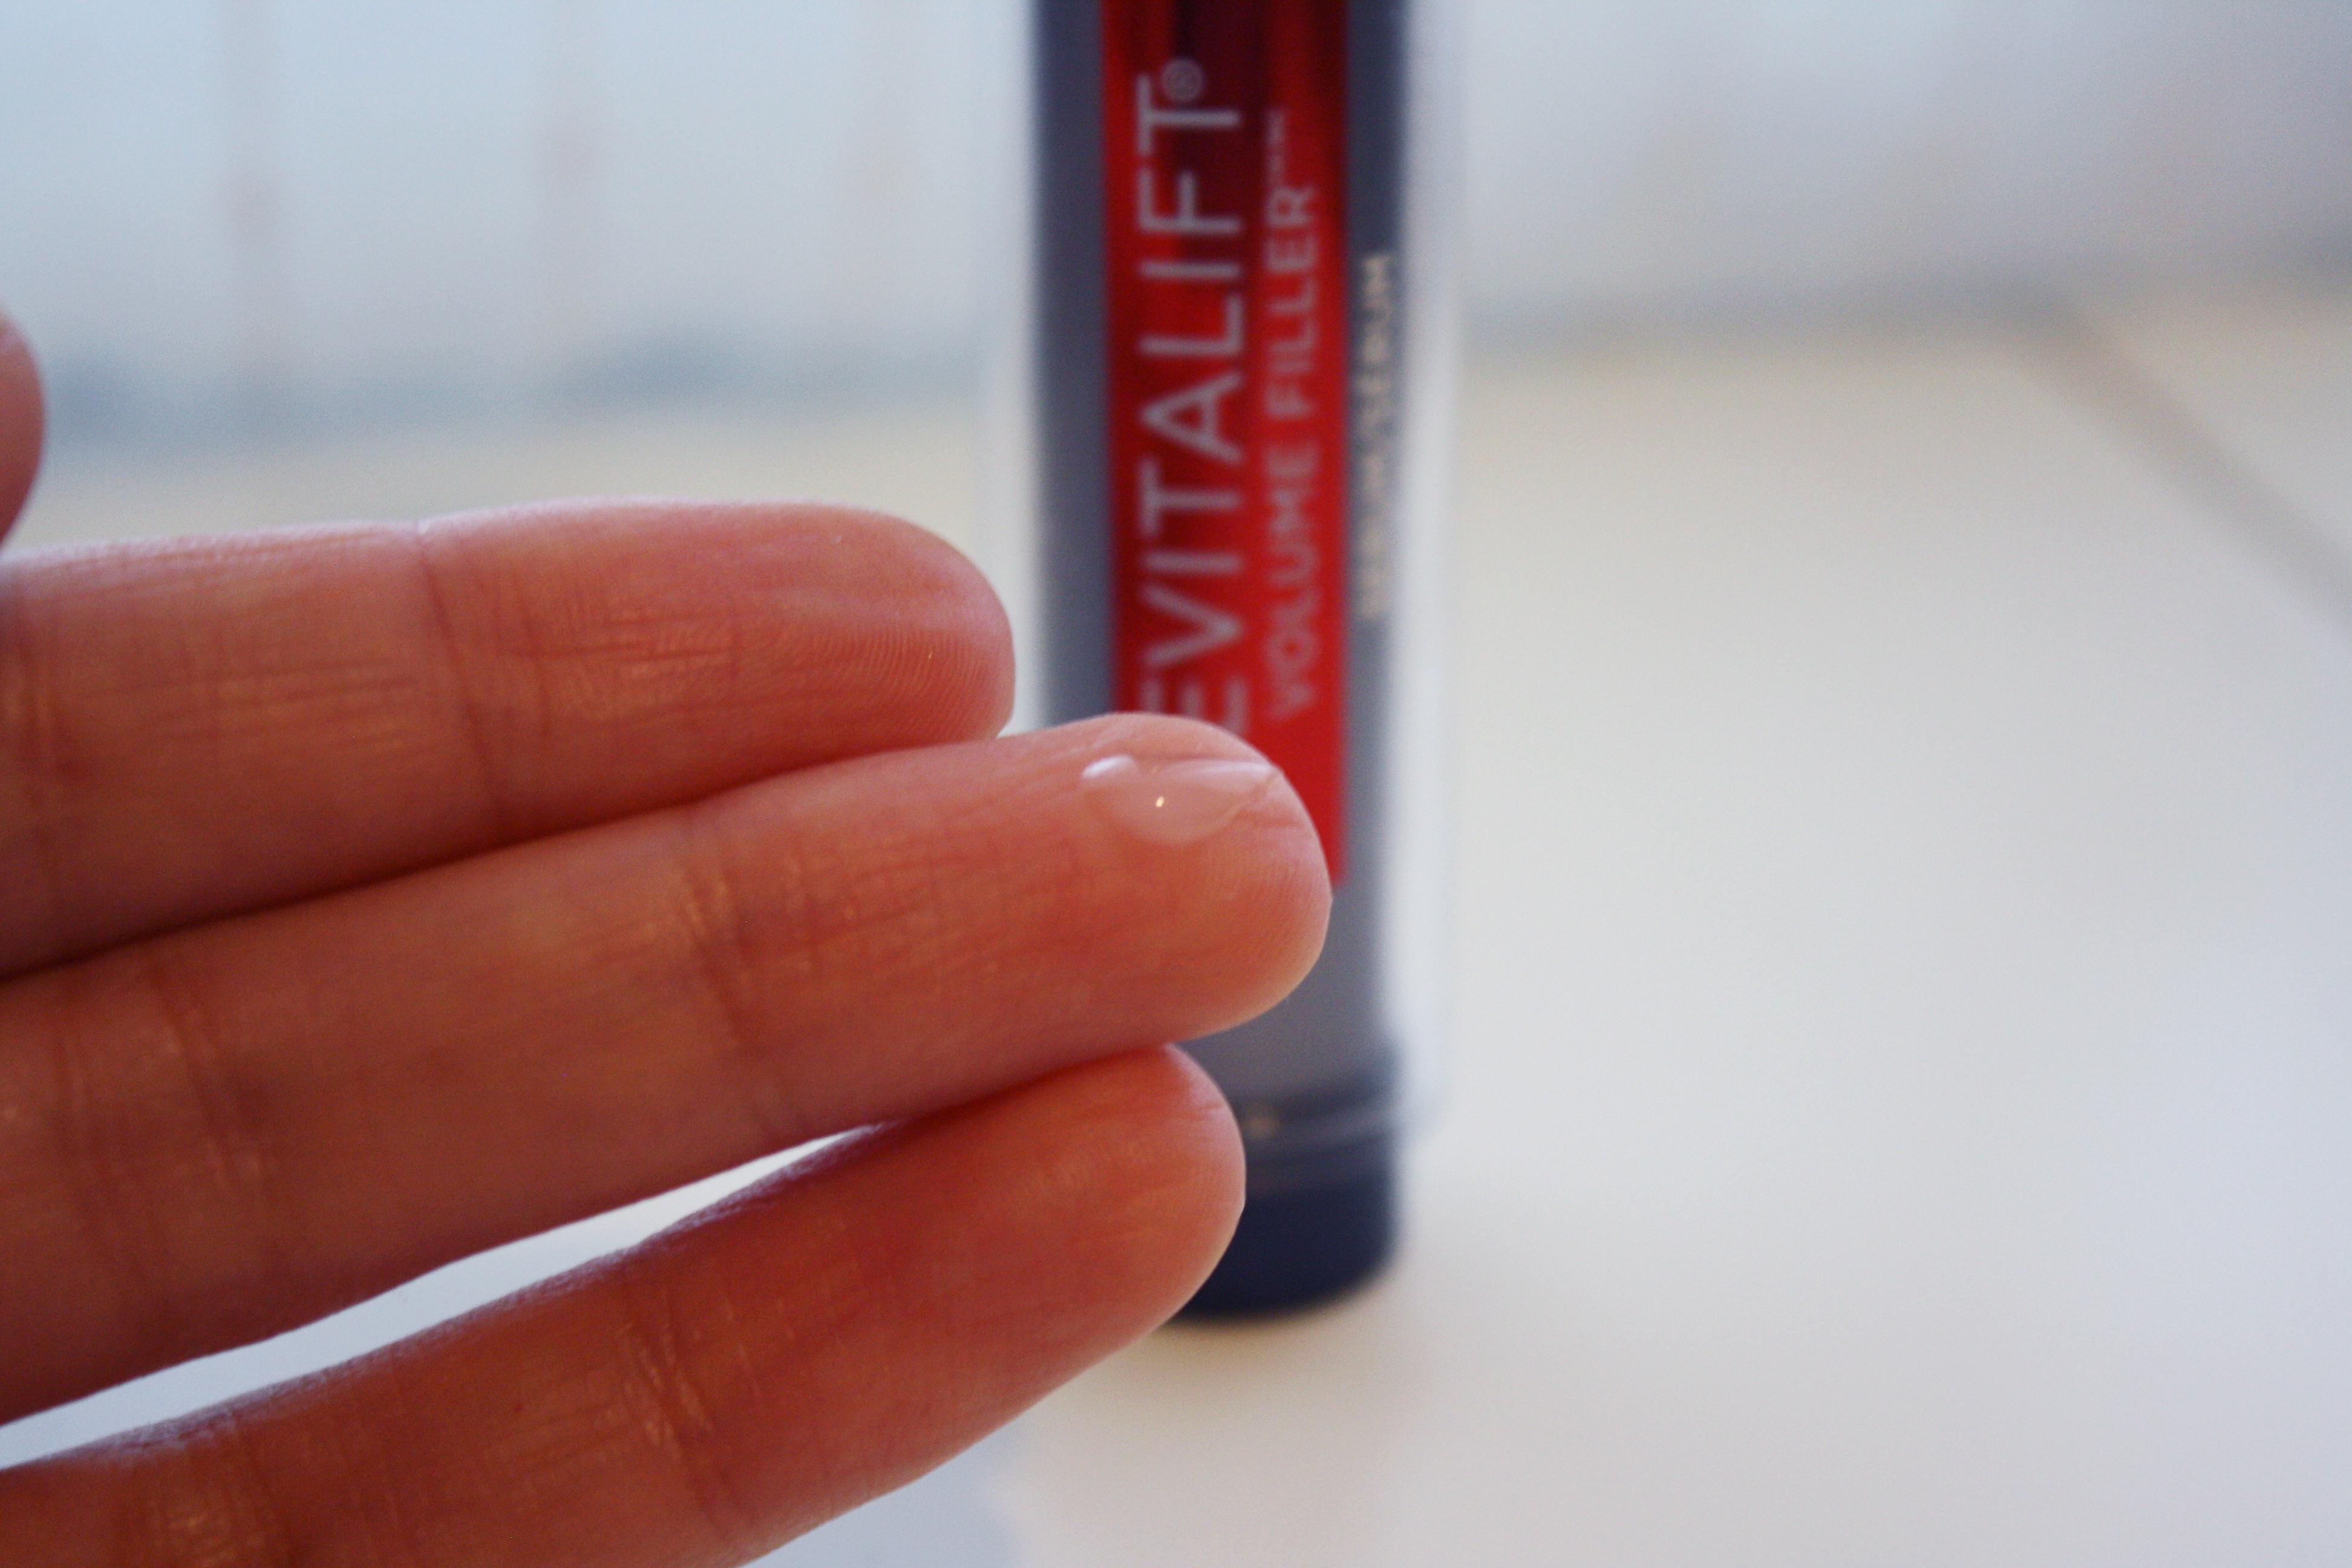 l'oreal revitalift volume filler line skincare hyaluronic acid review serum anti-aging mature skin